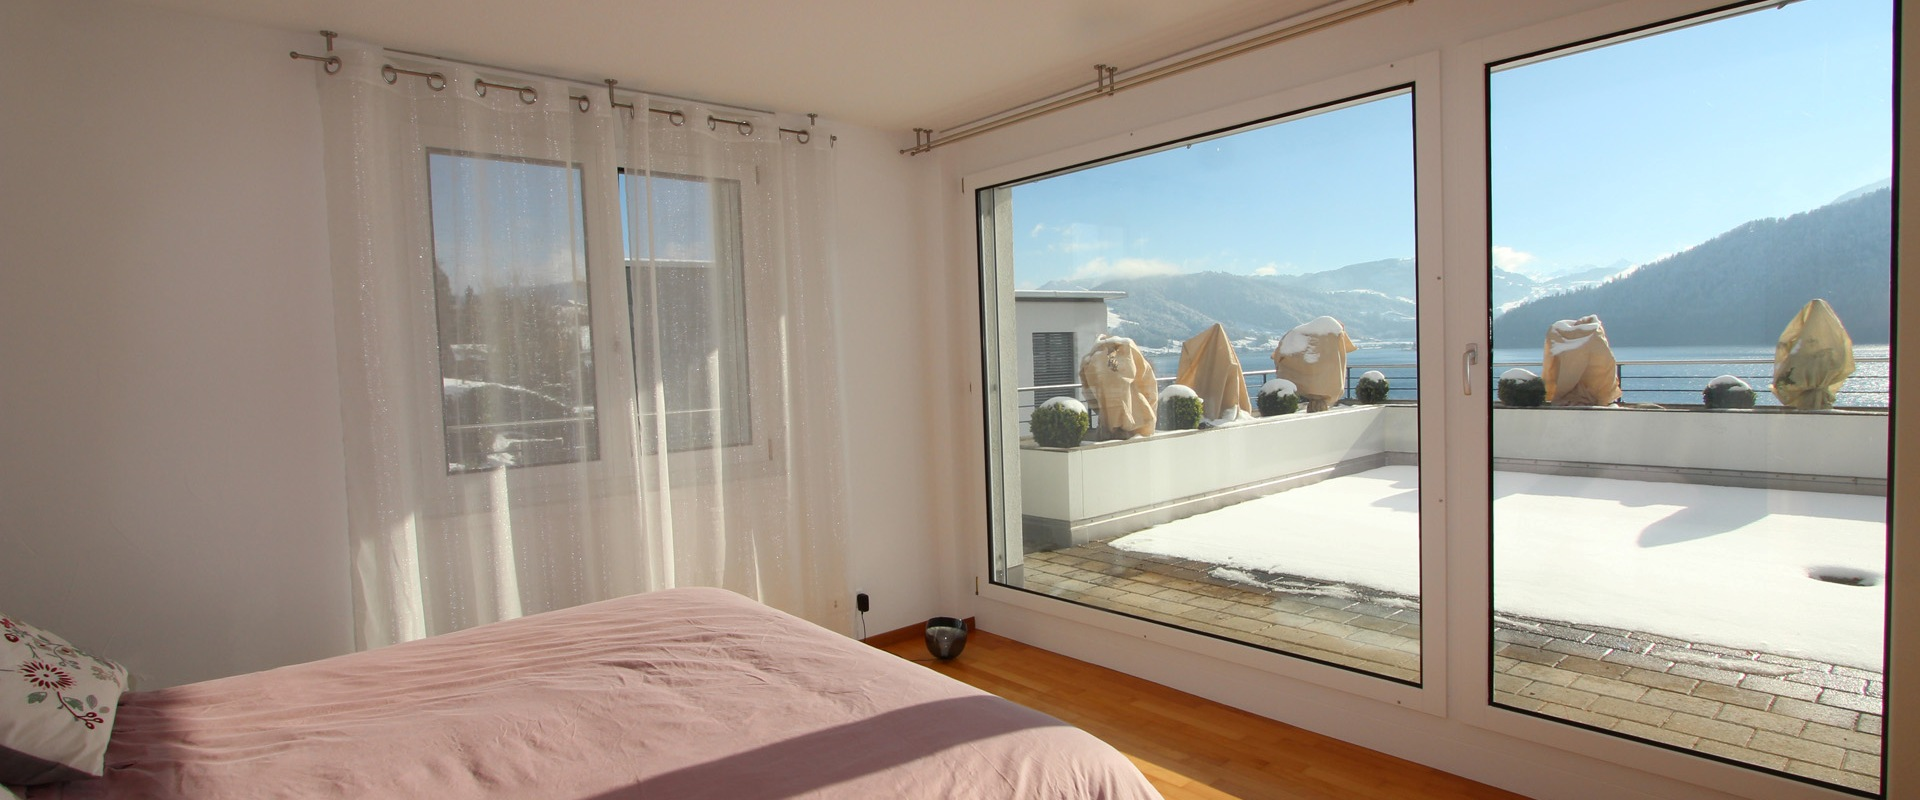 Miete: Attika-Terrassen-Wohnung an Traumlage